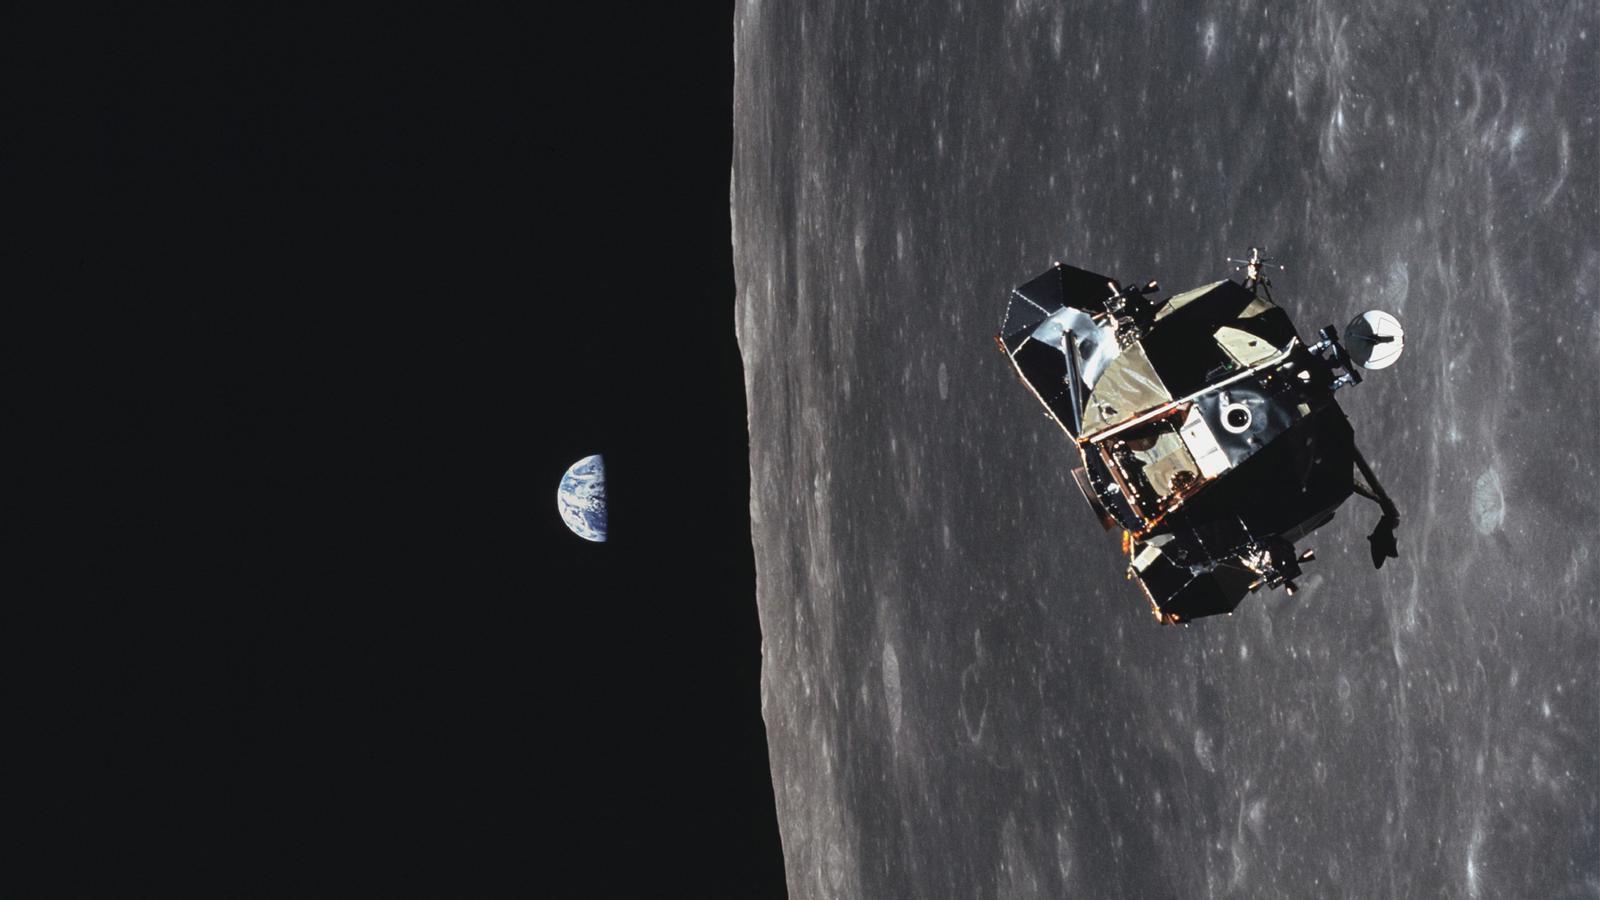 Les 5 coses que has de saber sobre l'arribada a la Lluna